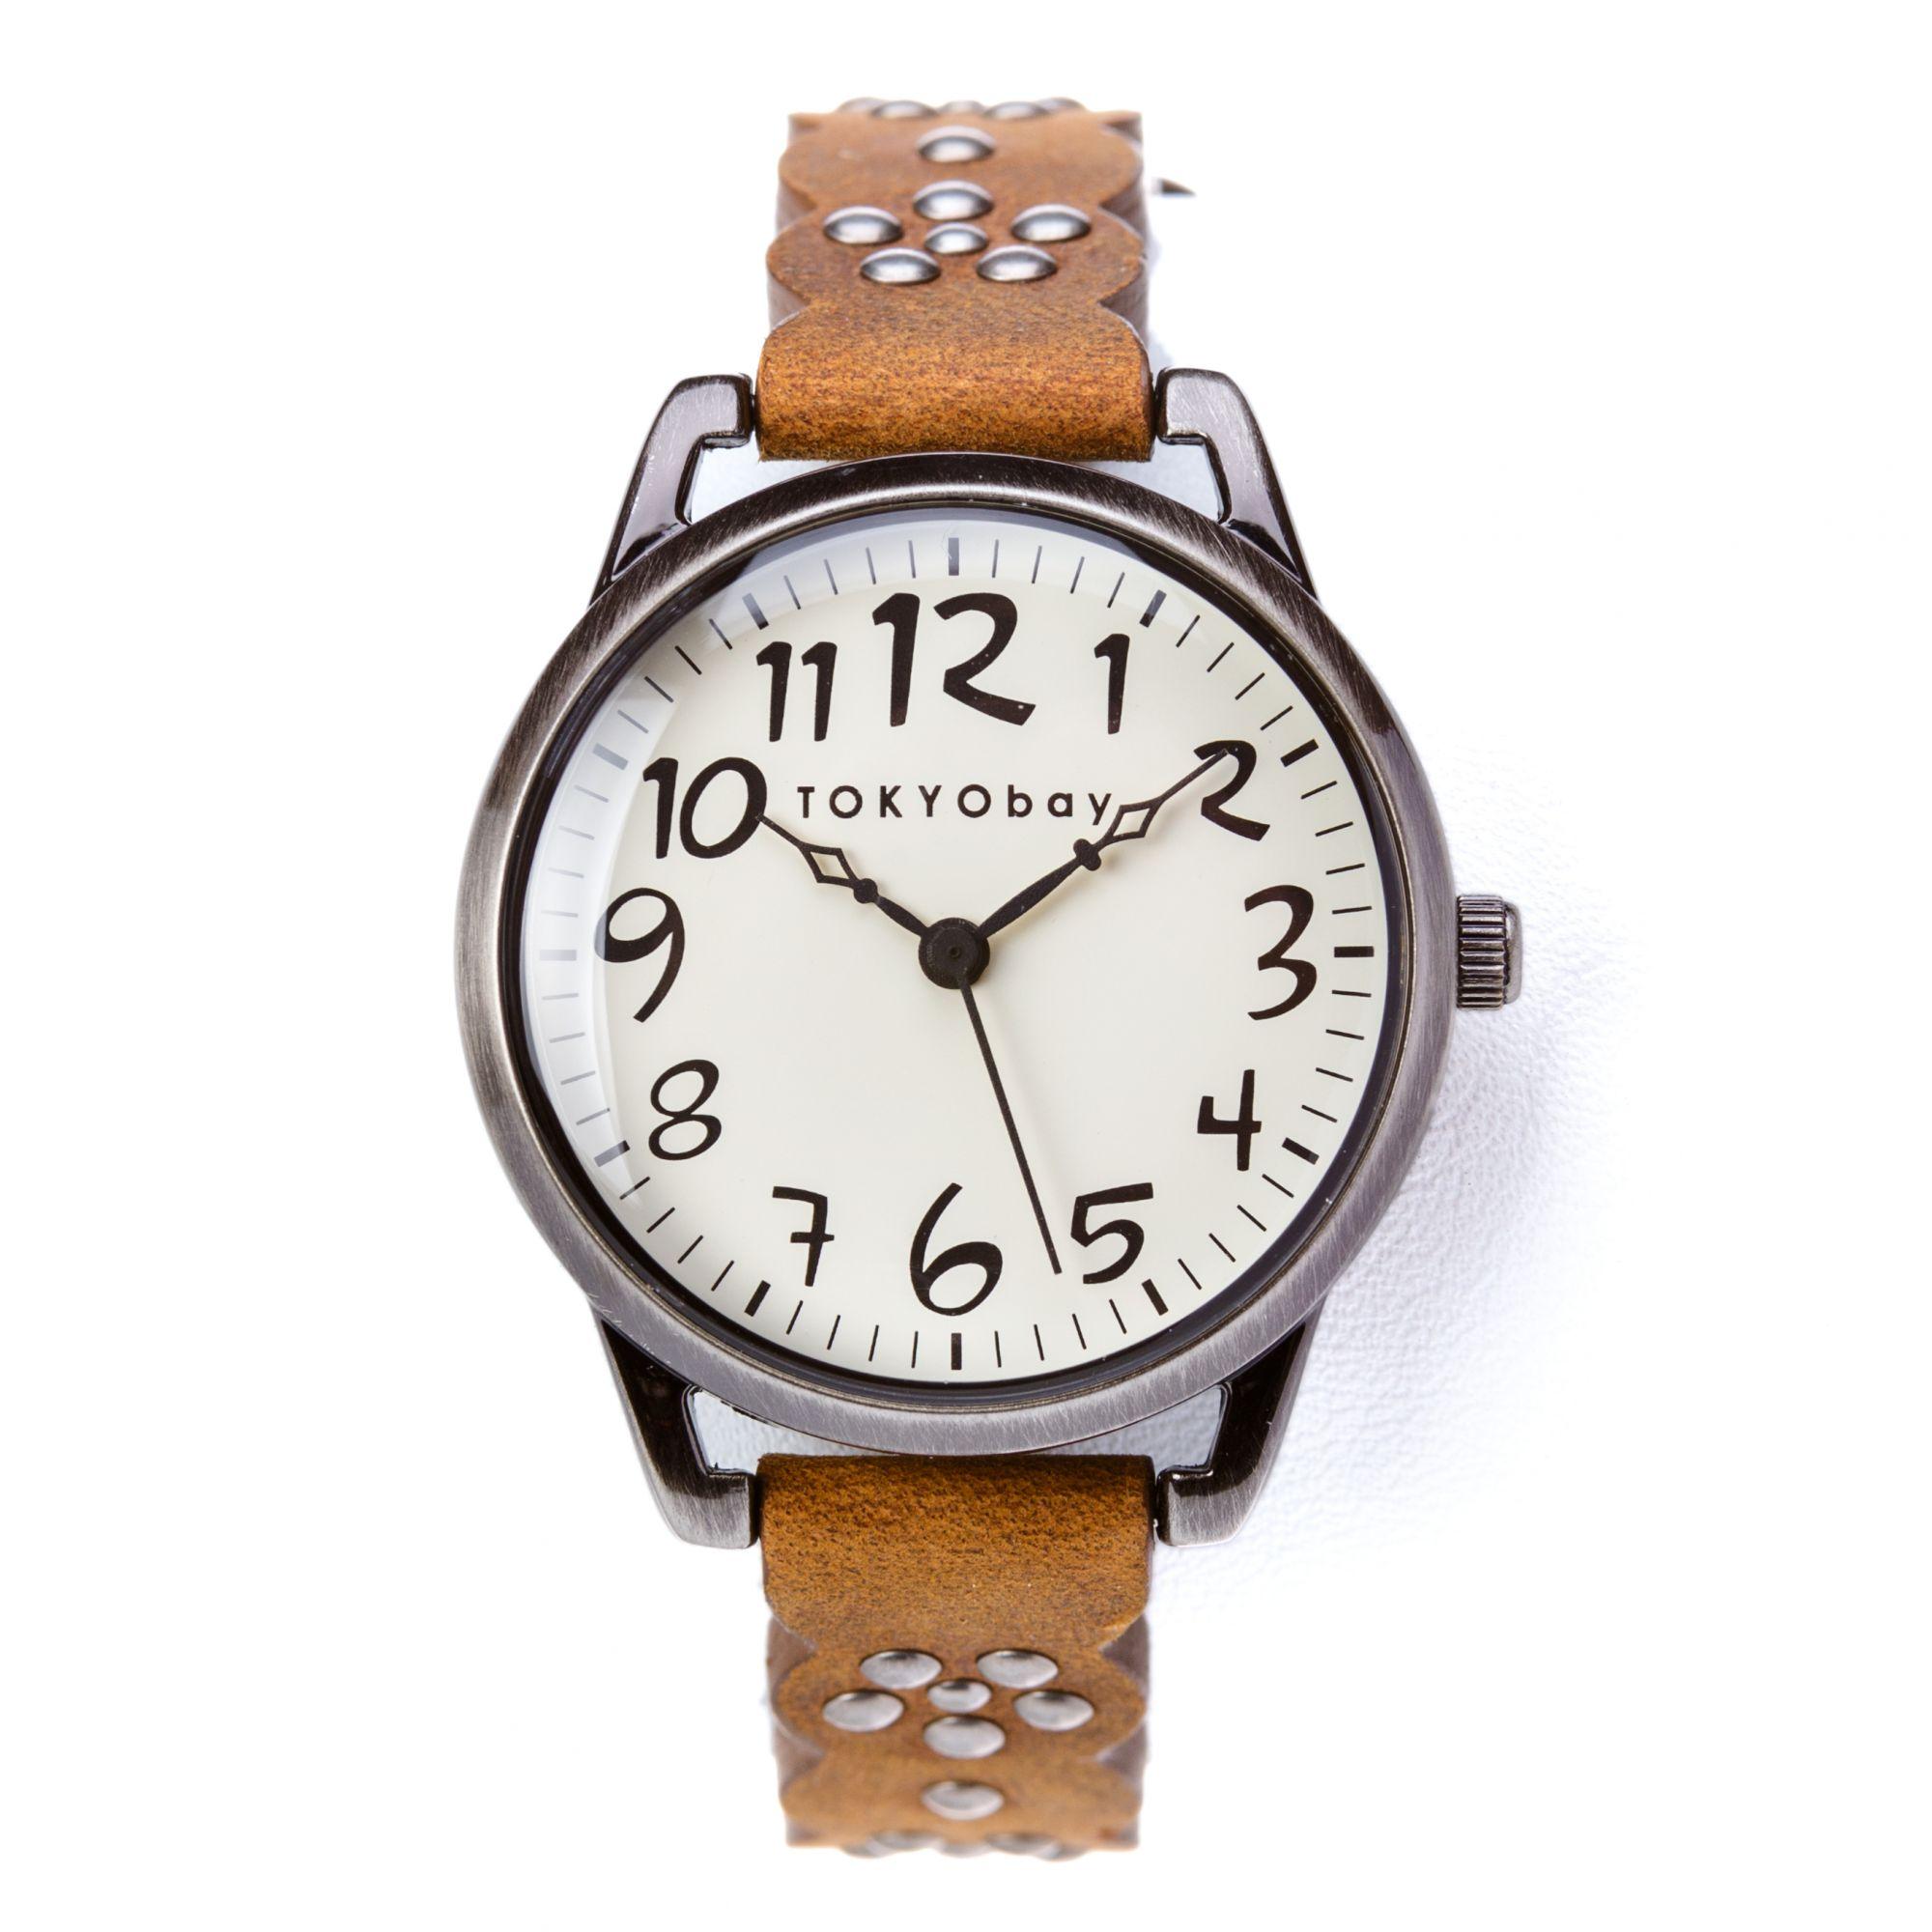 Часы наручные TOKYObay Scallop Brown